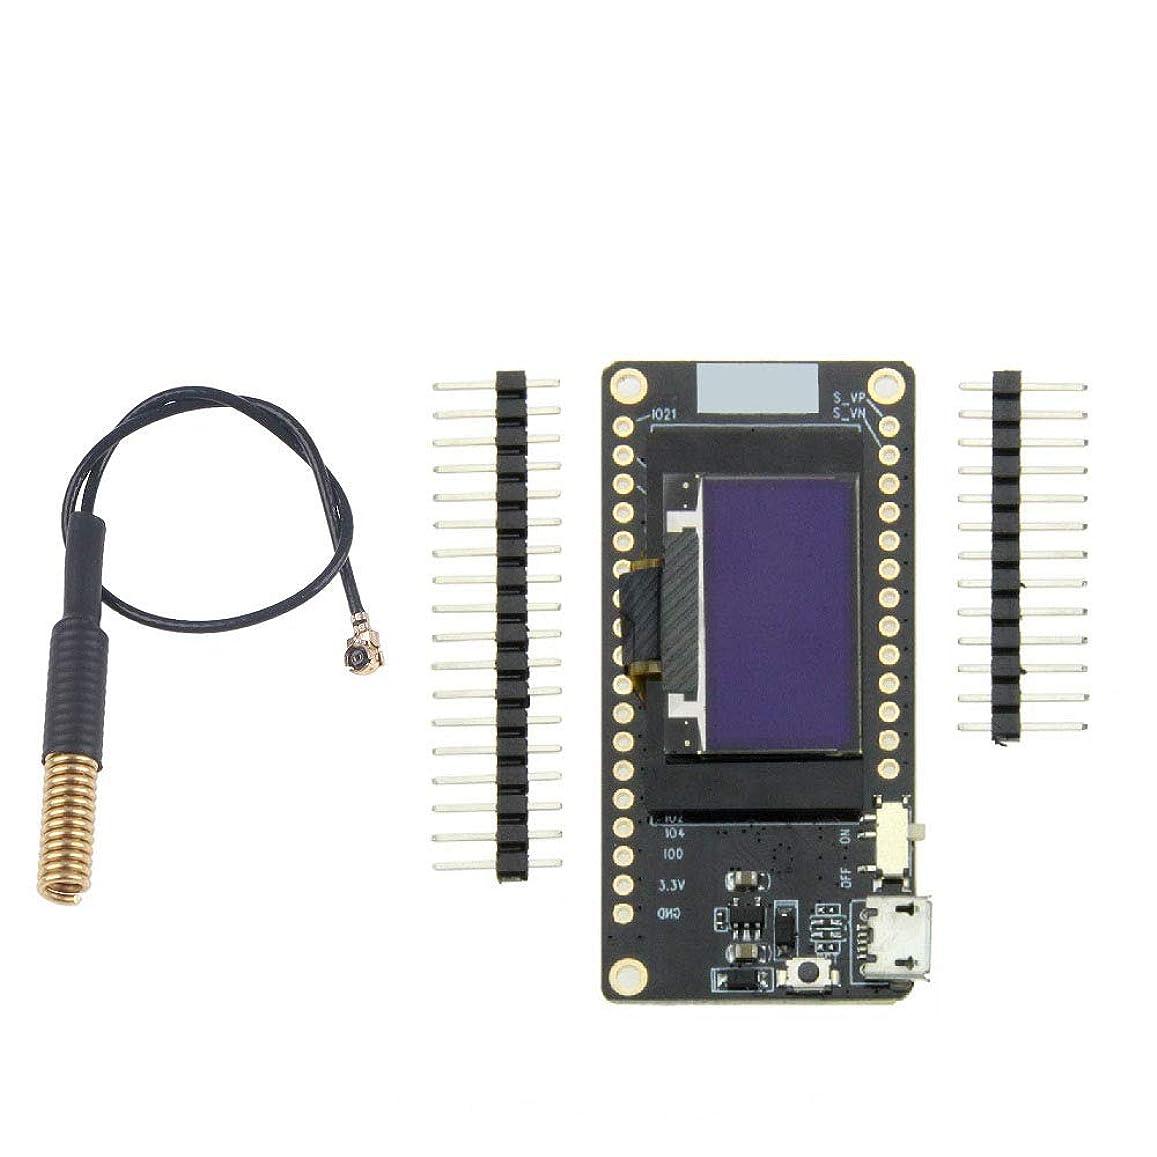 権限薄い腐ったWINGONEER LORA32 V2.0 433MHz ESP32 LoRa OLED 0.96インチディスプレイスクリーンSDカードブルーブルートゥースWIFIモジュール付きアンテナ